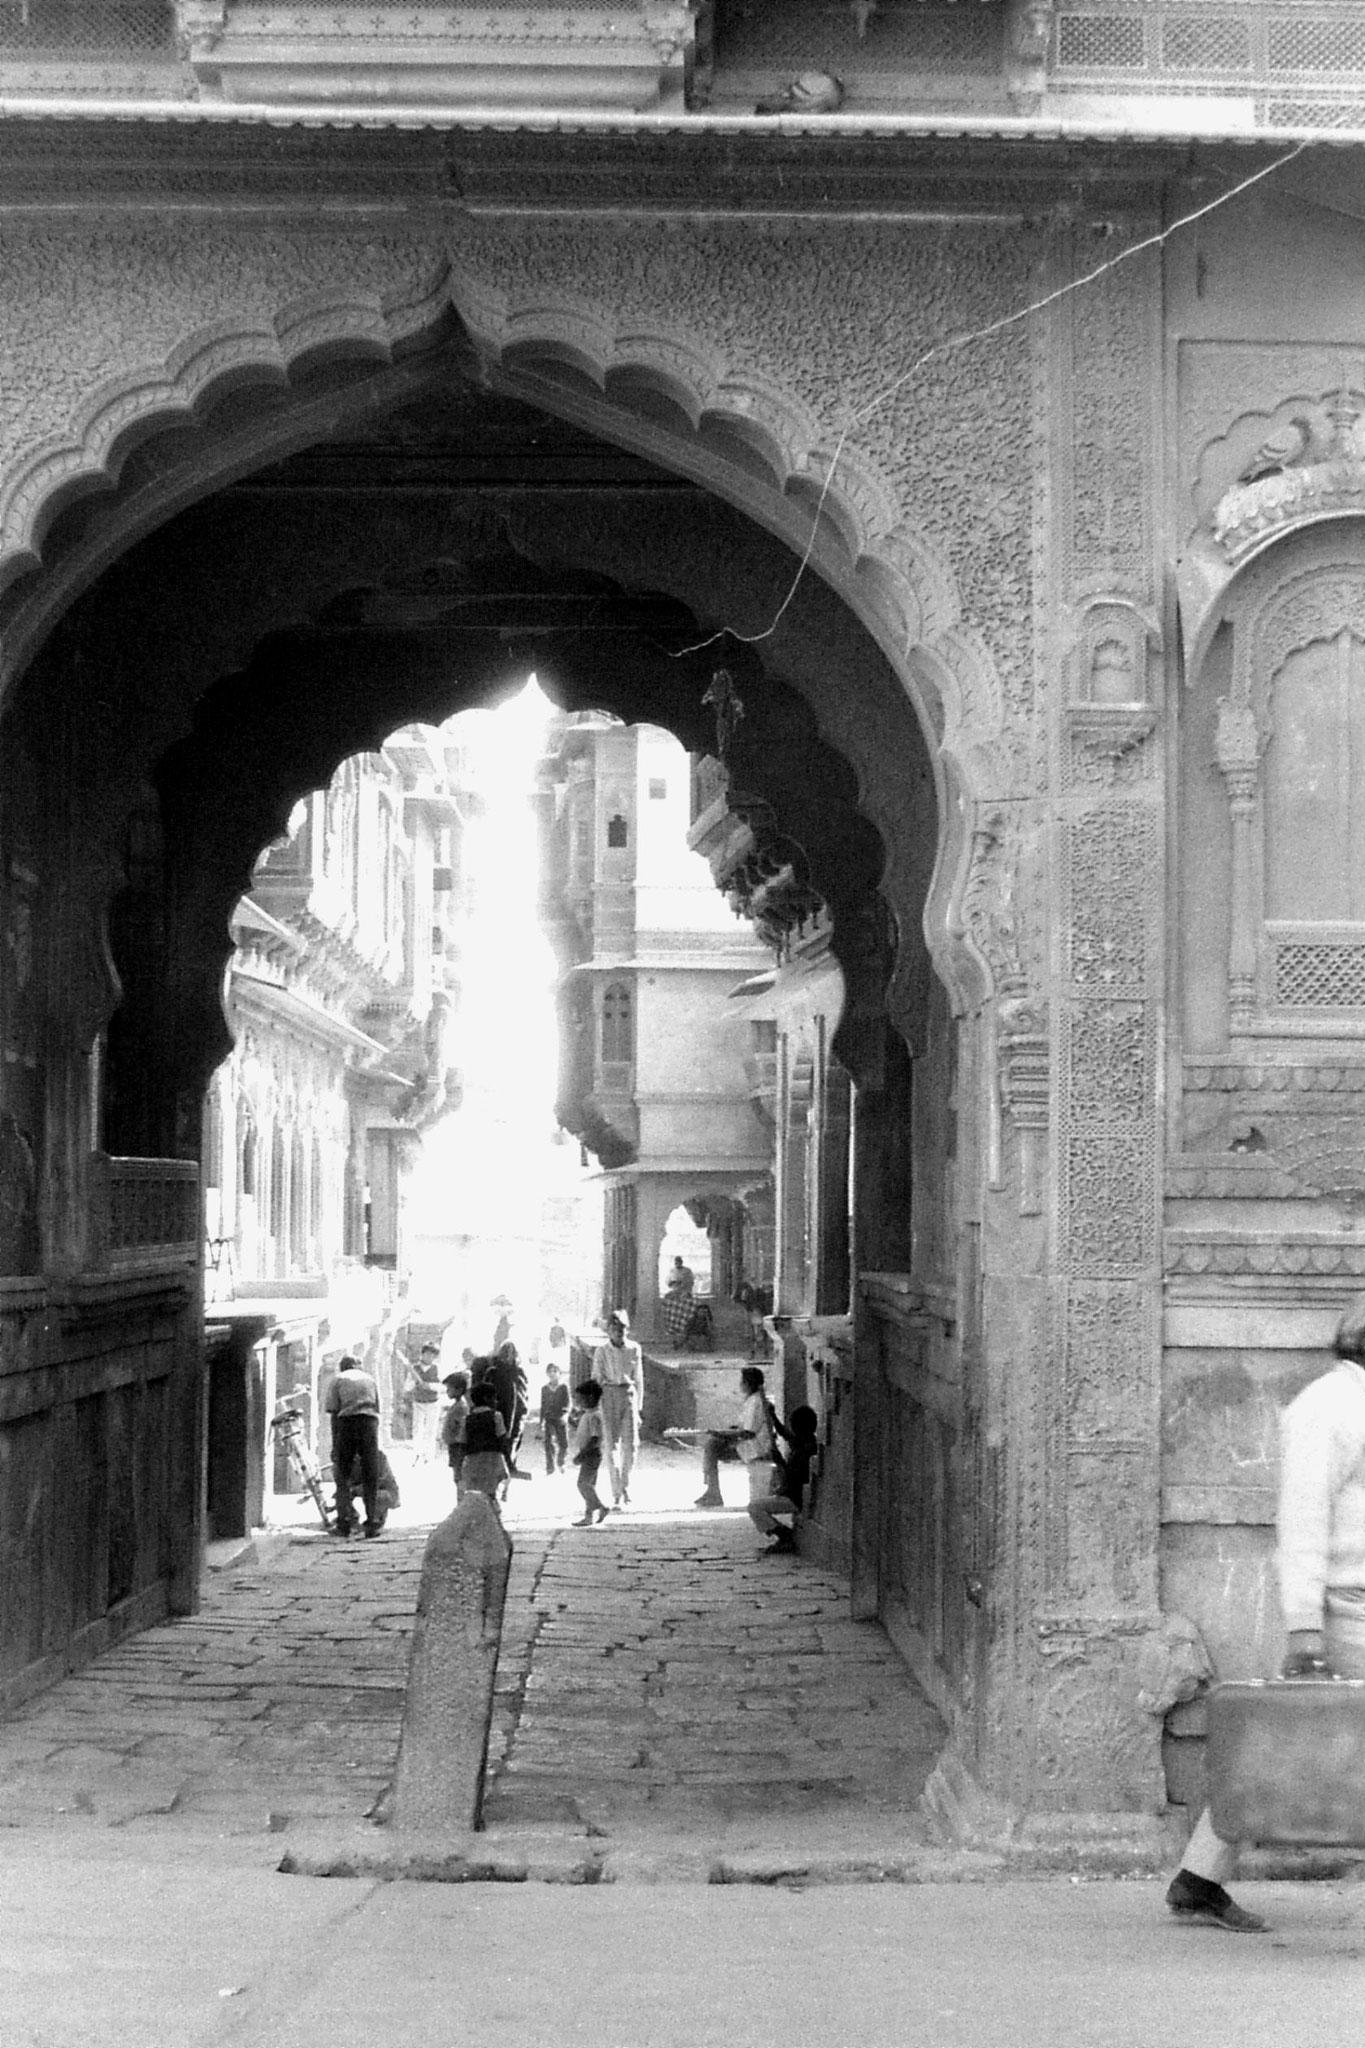 3/12/1989: 25: Jaisalmer